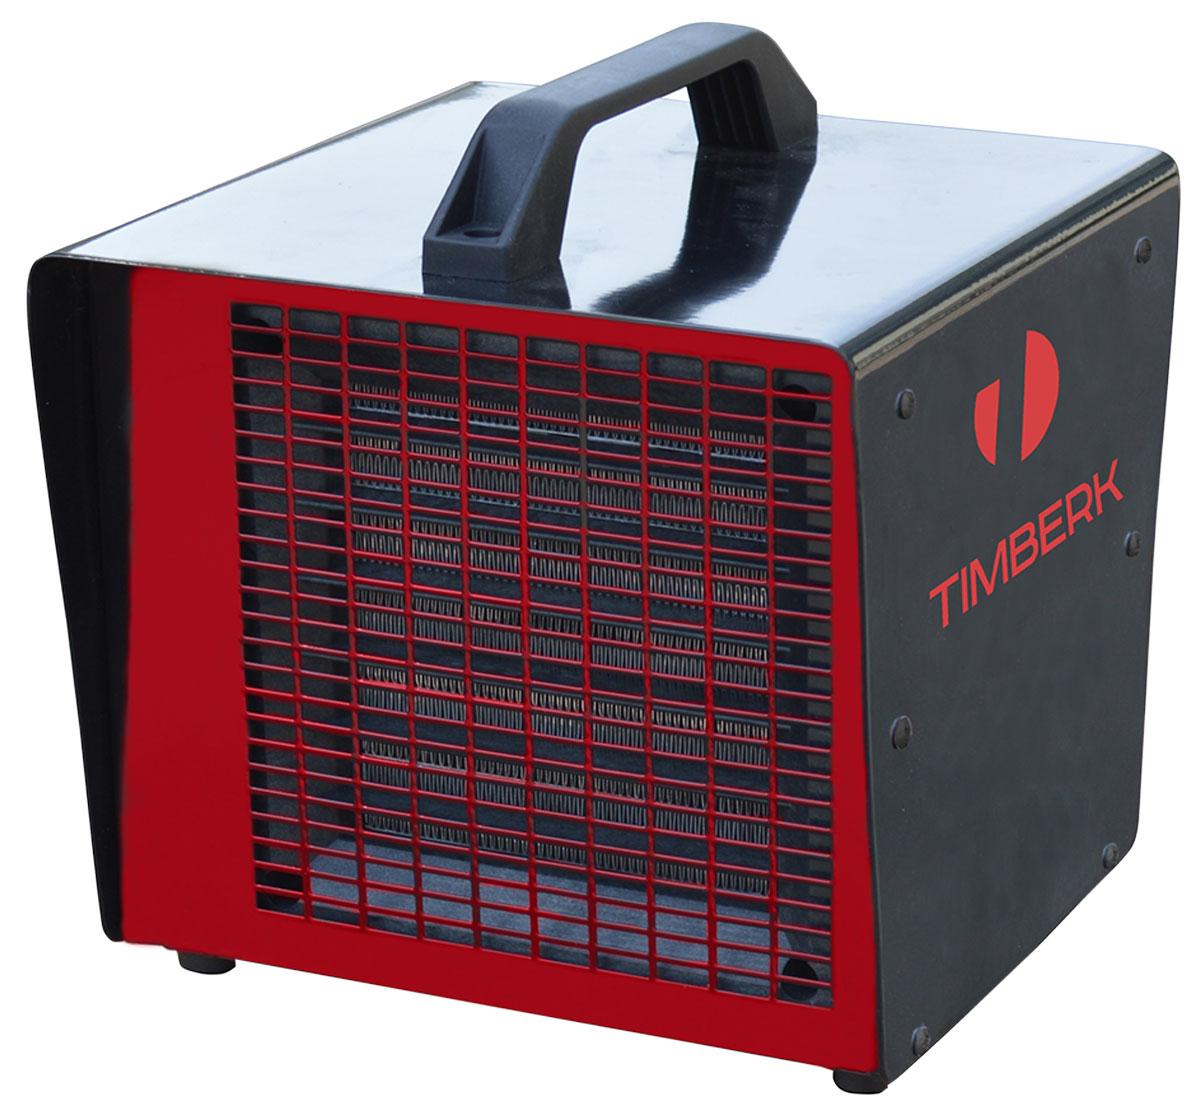 Timberk TFH T20MDR тепловентиляторTFH T20MDRТепловентилятор Timberk TFH T20MDR обеспечивает мгновенный нагрев воздуха в помещении при довольно низком уровне шума. Нагревательный элемент в виде керамических пластин обеспечивает высокую теплоотдачу и практически не вызывает иссушения воздуха в обогреваемом помещении. Для удобства транспортировки прибор оснащен эргономичной ручкой. Компактный размер и уникальный дизайн Регулируемая мощность обогрева